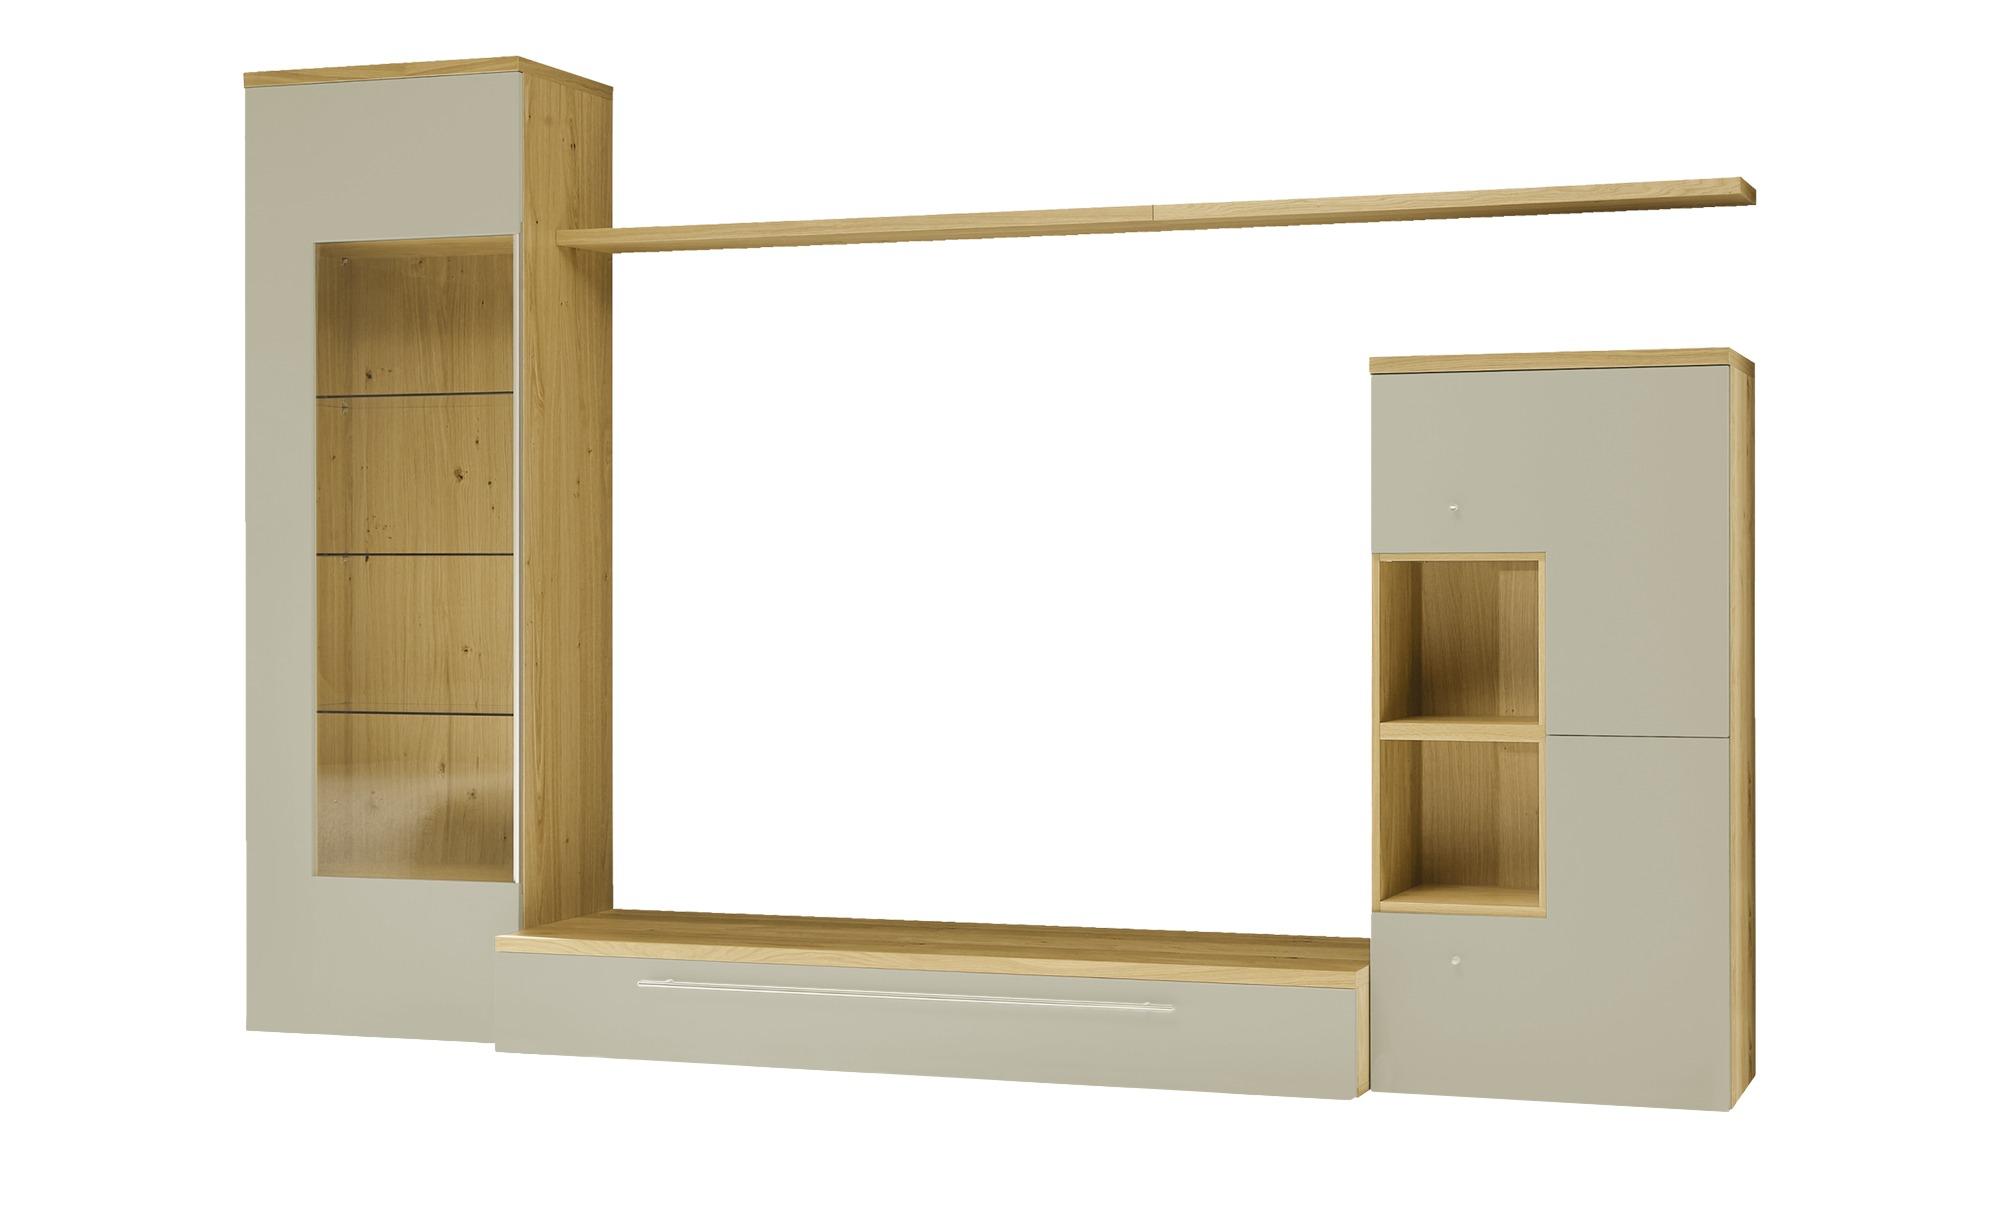 now! by hülsta Wohnwand  Hülsta now! time ¦ Maße (cm): B: 330 H: 212 T: 50 Wohnwände - Höffner | Wohnzimmer > Schränke > Wohnwände | Spanplatte - Holzwerkstoff - Glas | Möbel Höffner DE